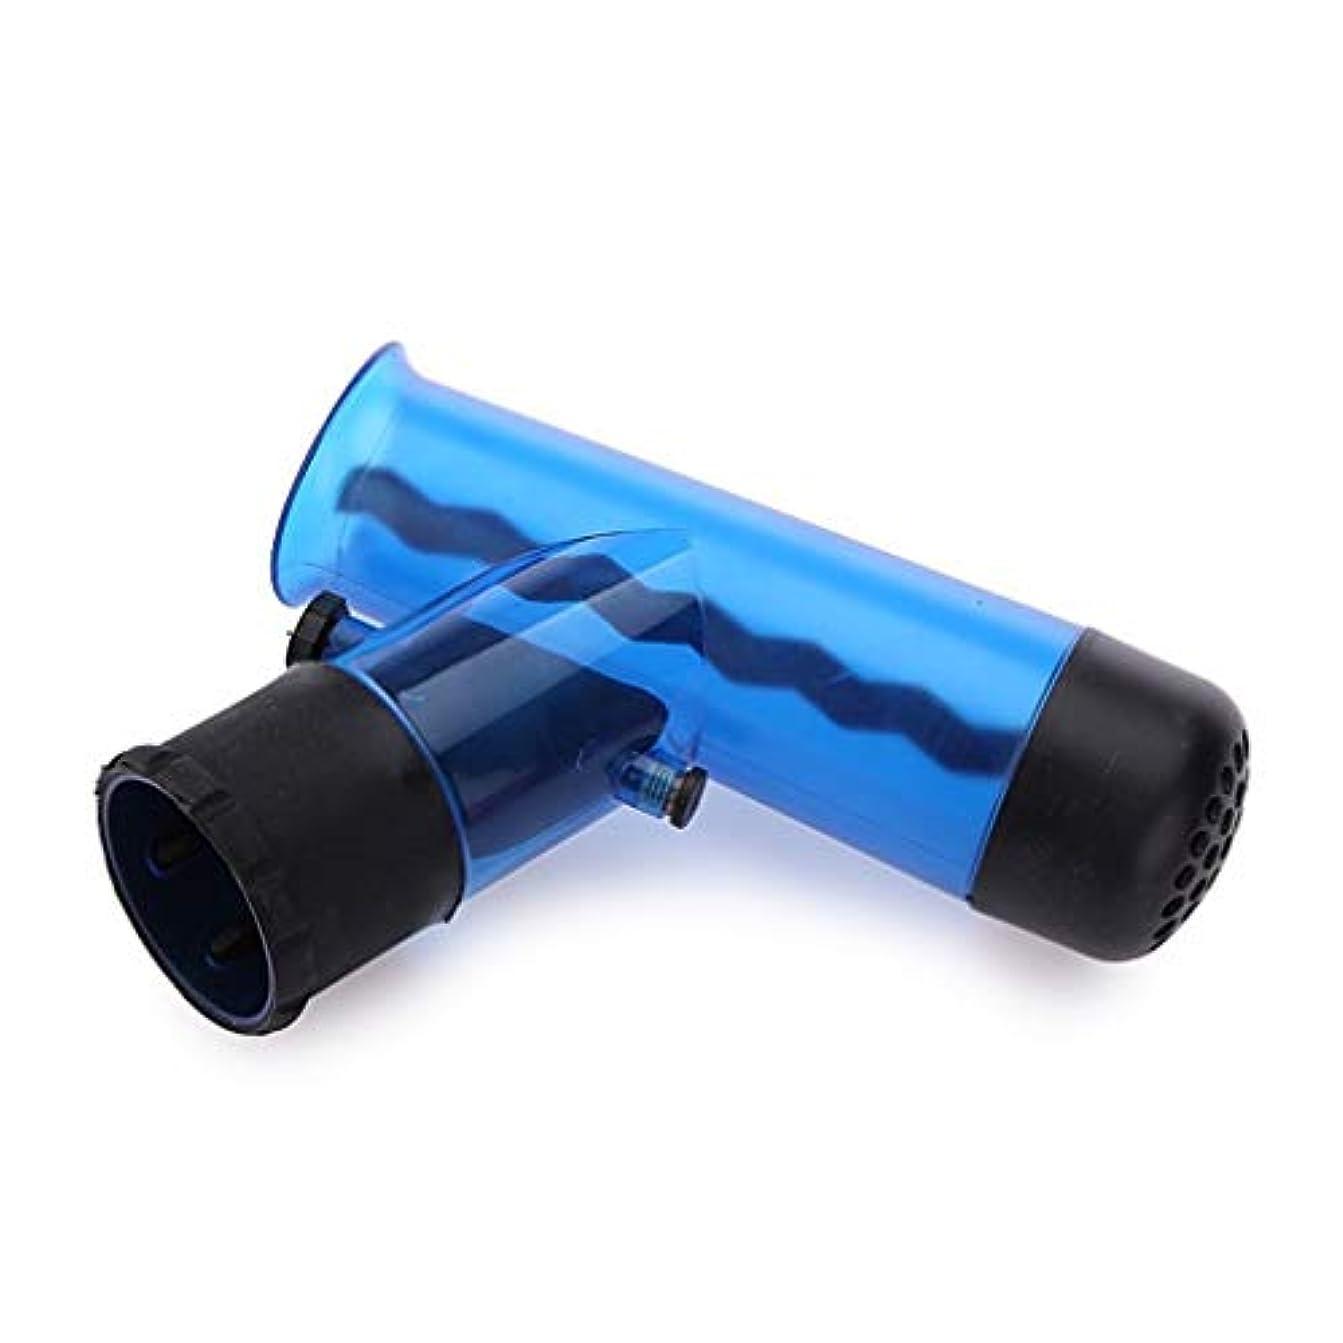 キュービックシーケンス急勾配のポータブルサイズヘアドライヤーディフューザーマジック風回転取り外し可能なドライブローヘアディフューザーローラーカーラー女性ヘアスタイリングツール zhongsiyao (Color : Blue)